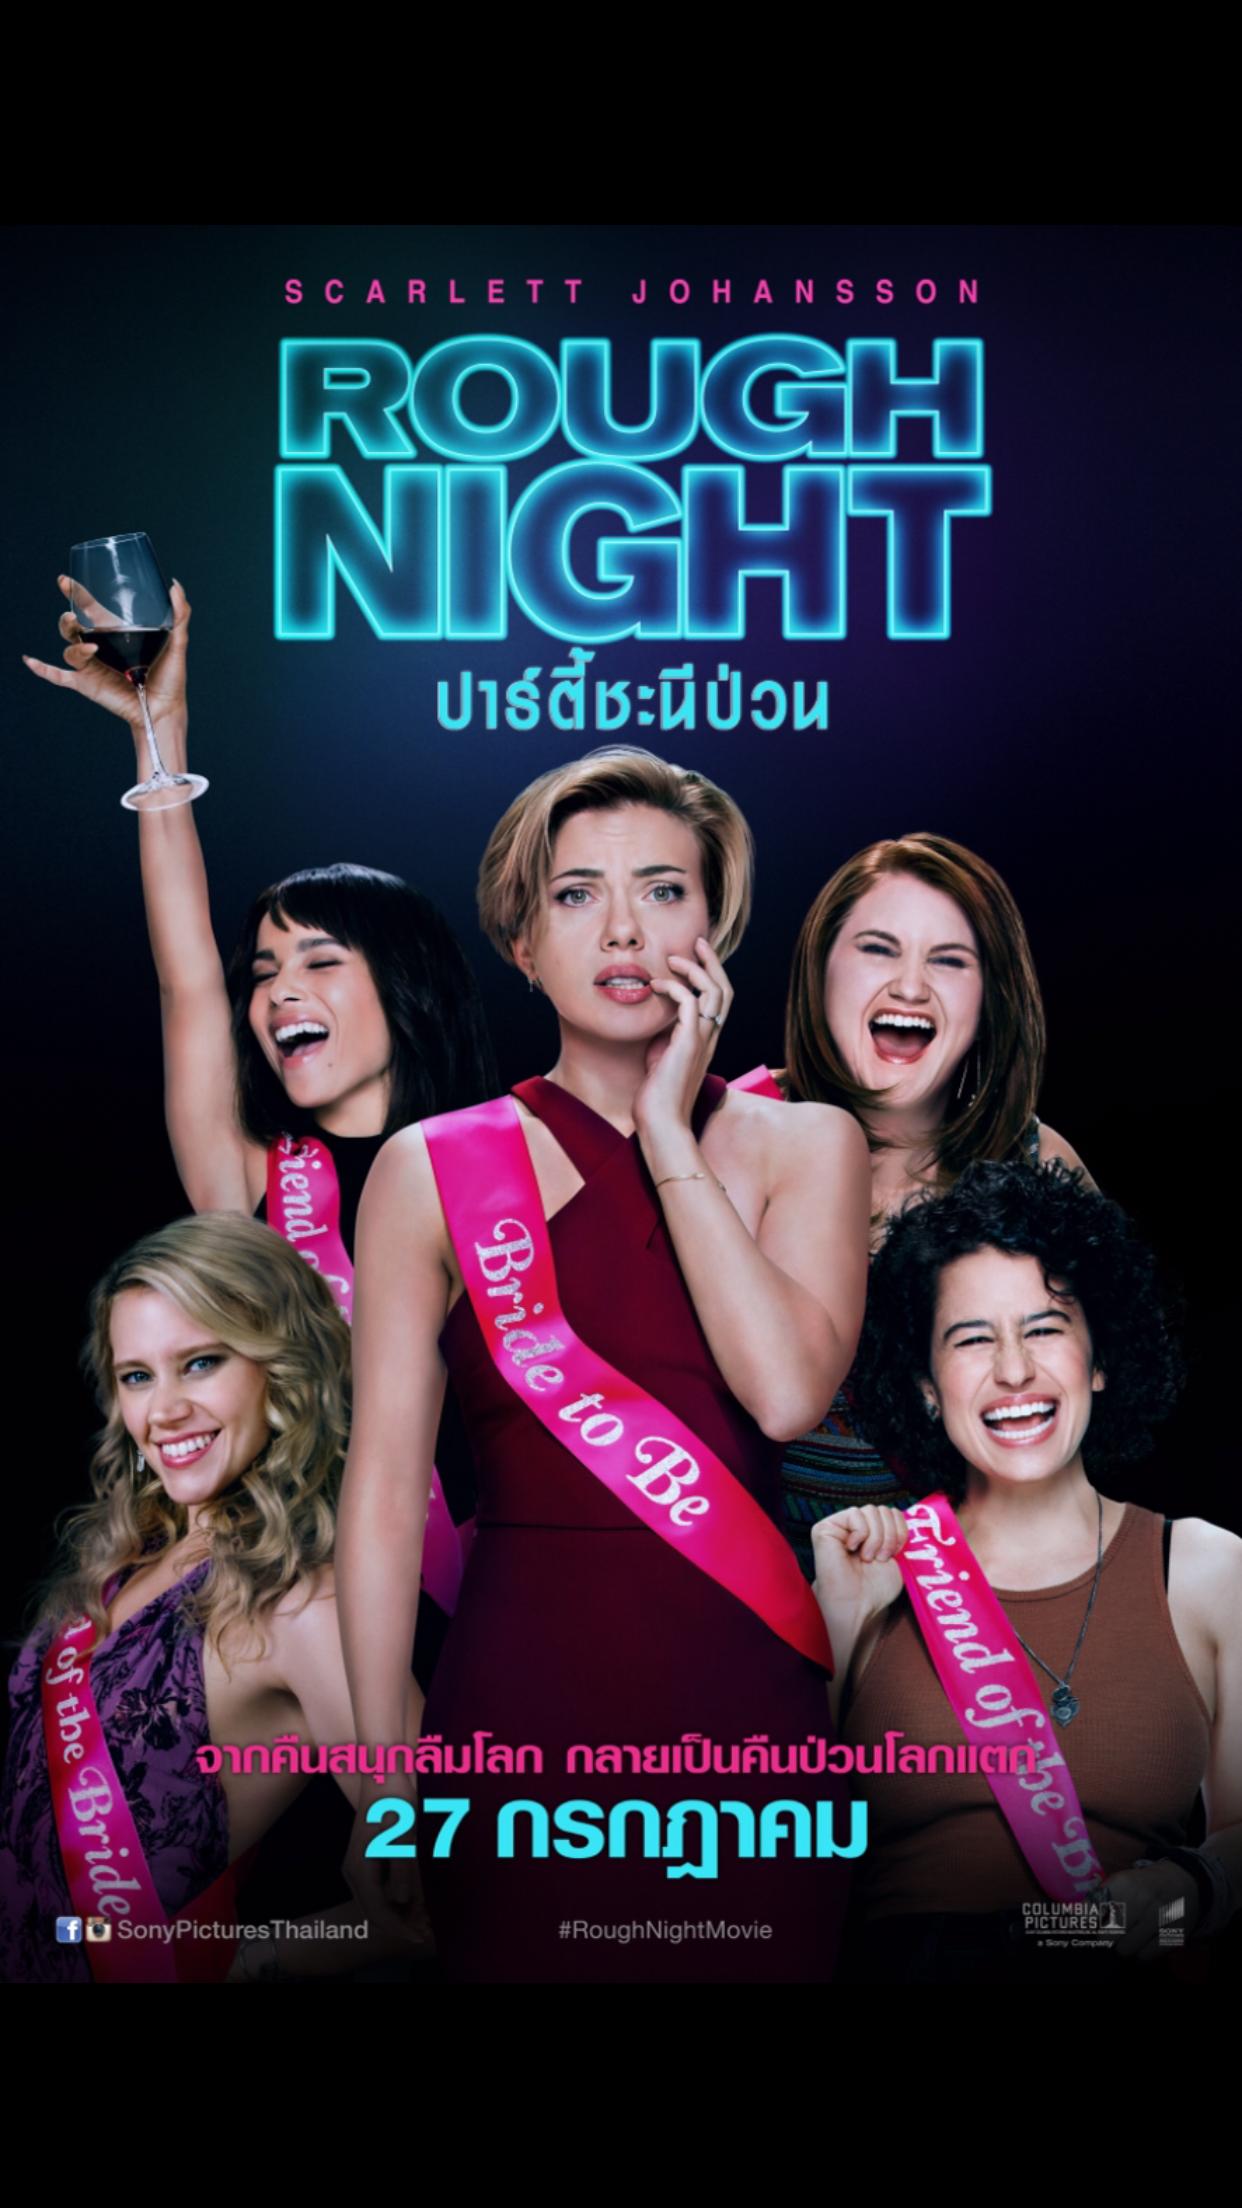 """สการ์เล็ตต์ เผ็ด ซ่า นำทีม """"Rough Night ปาร์ตี้ชะนีป่วน""""จากคืนสนุกลืมโลก มันจะกลายเป็นคืนป่วนโลกแตกในบัดดล"""